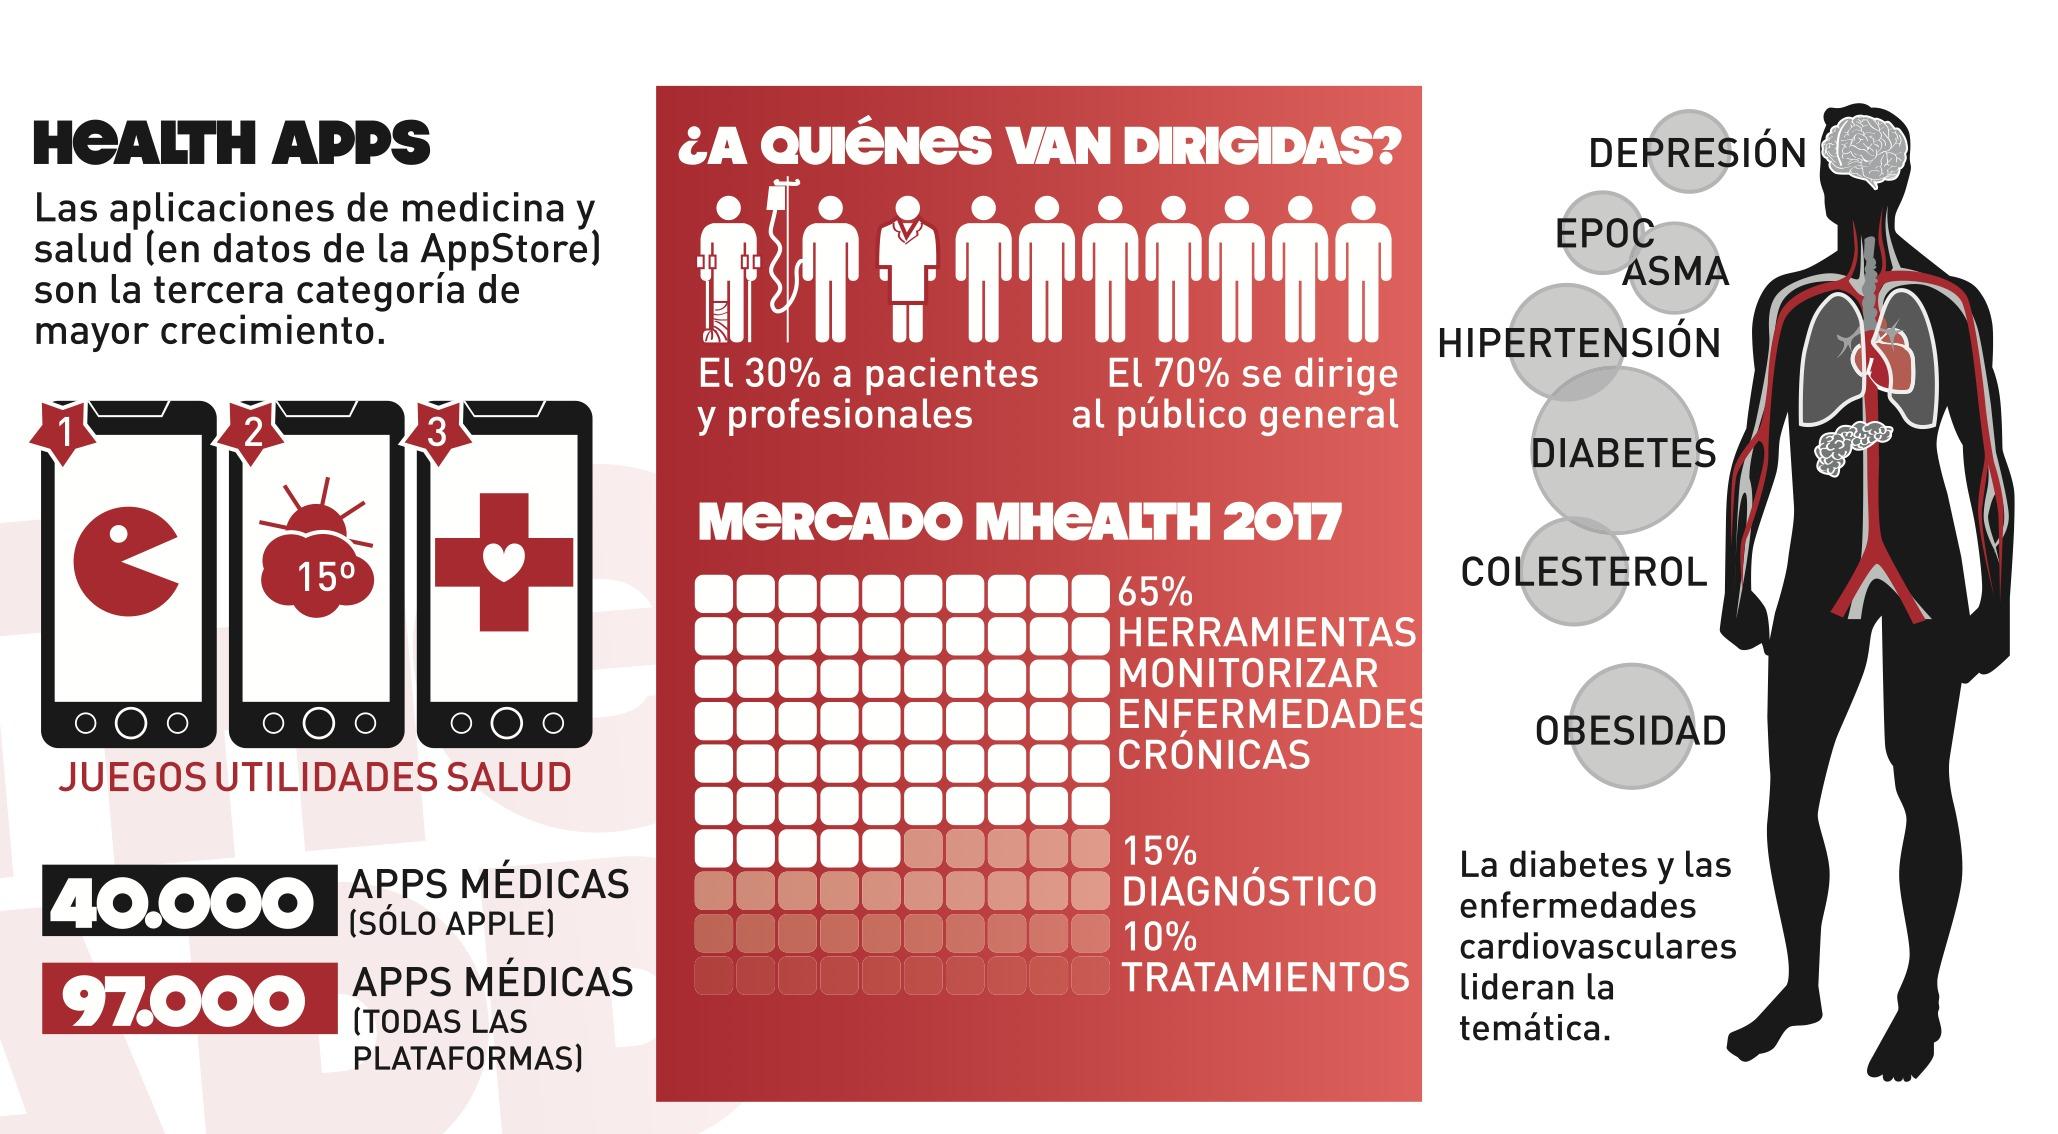 EL CRECIMIENTO DE LAS APPS DE SALUD EN EL MERCADO INTERNACIONAL